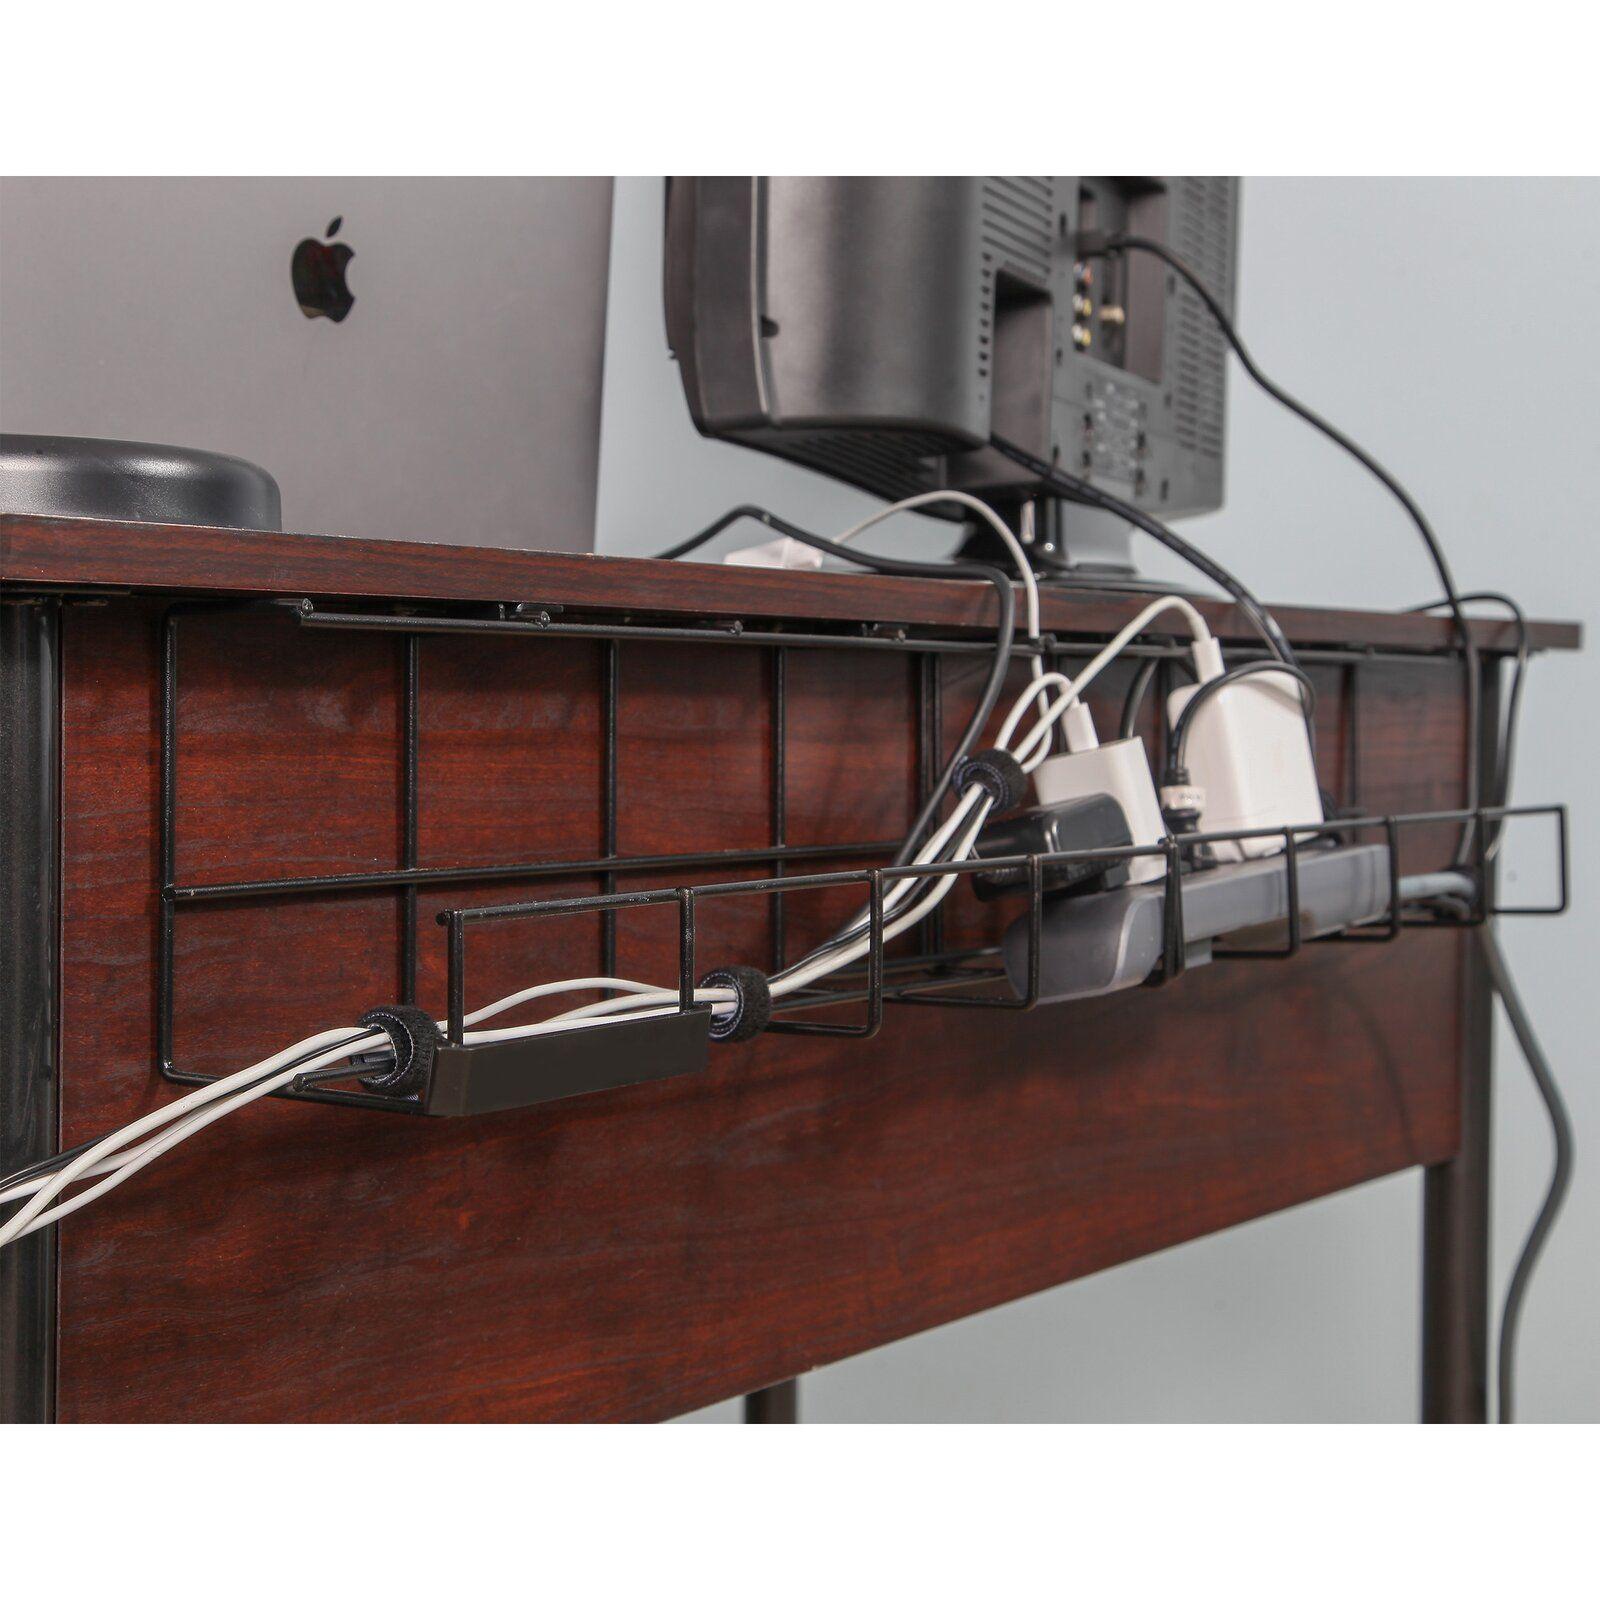 Wire Tray Desk Cable Organizer In 2020 Cable Organizer Desk